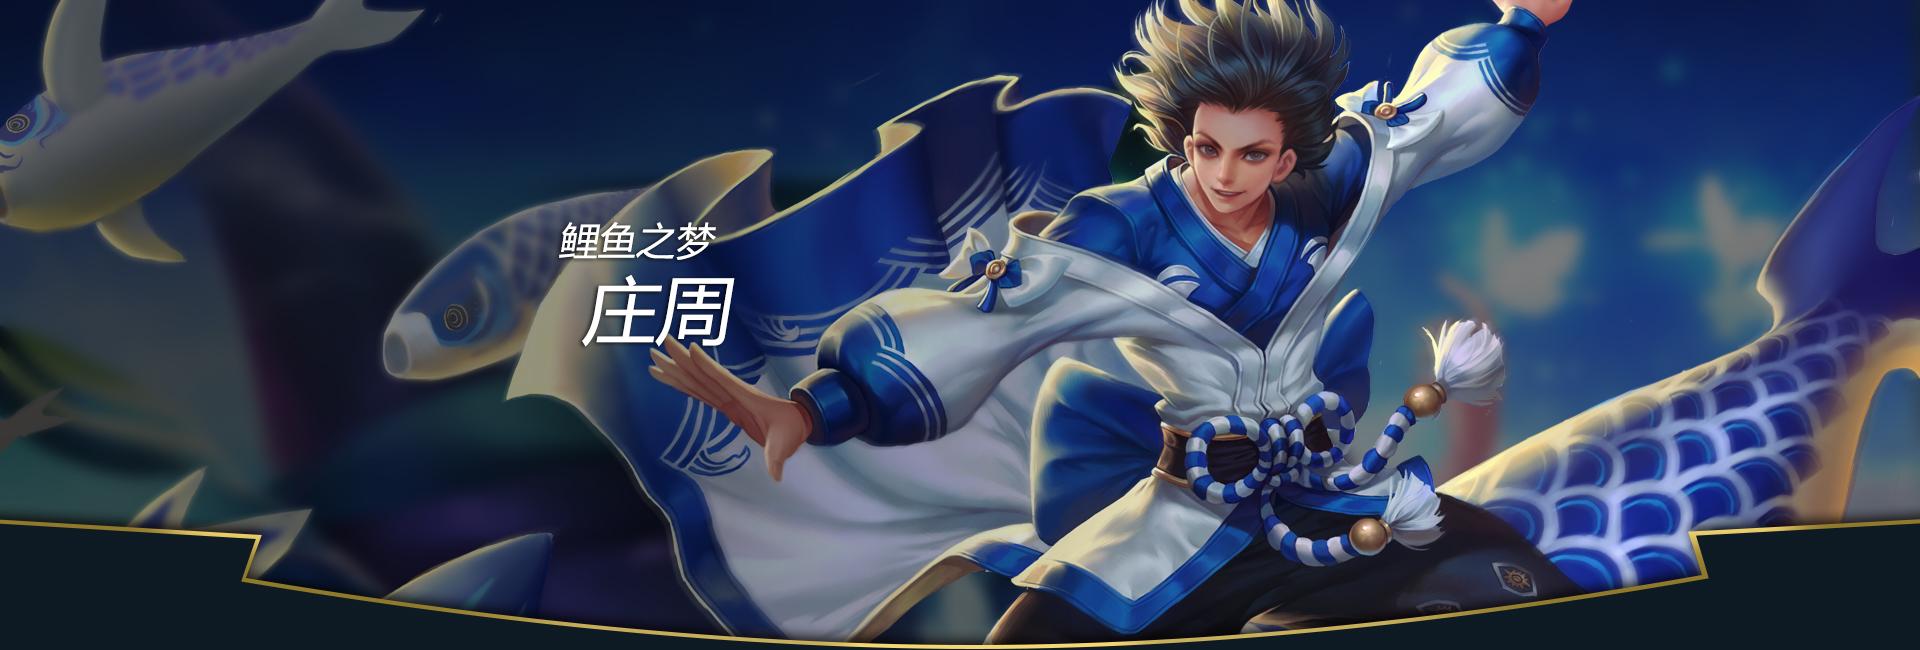 第2弹《王者荣耀英雄皮肤CG》竞技游戏86